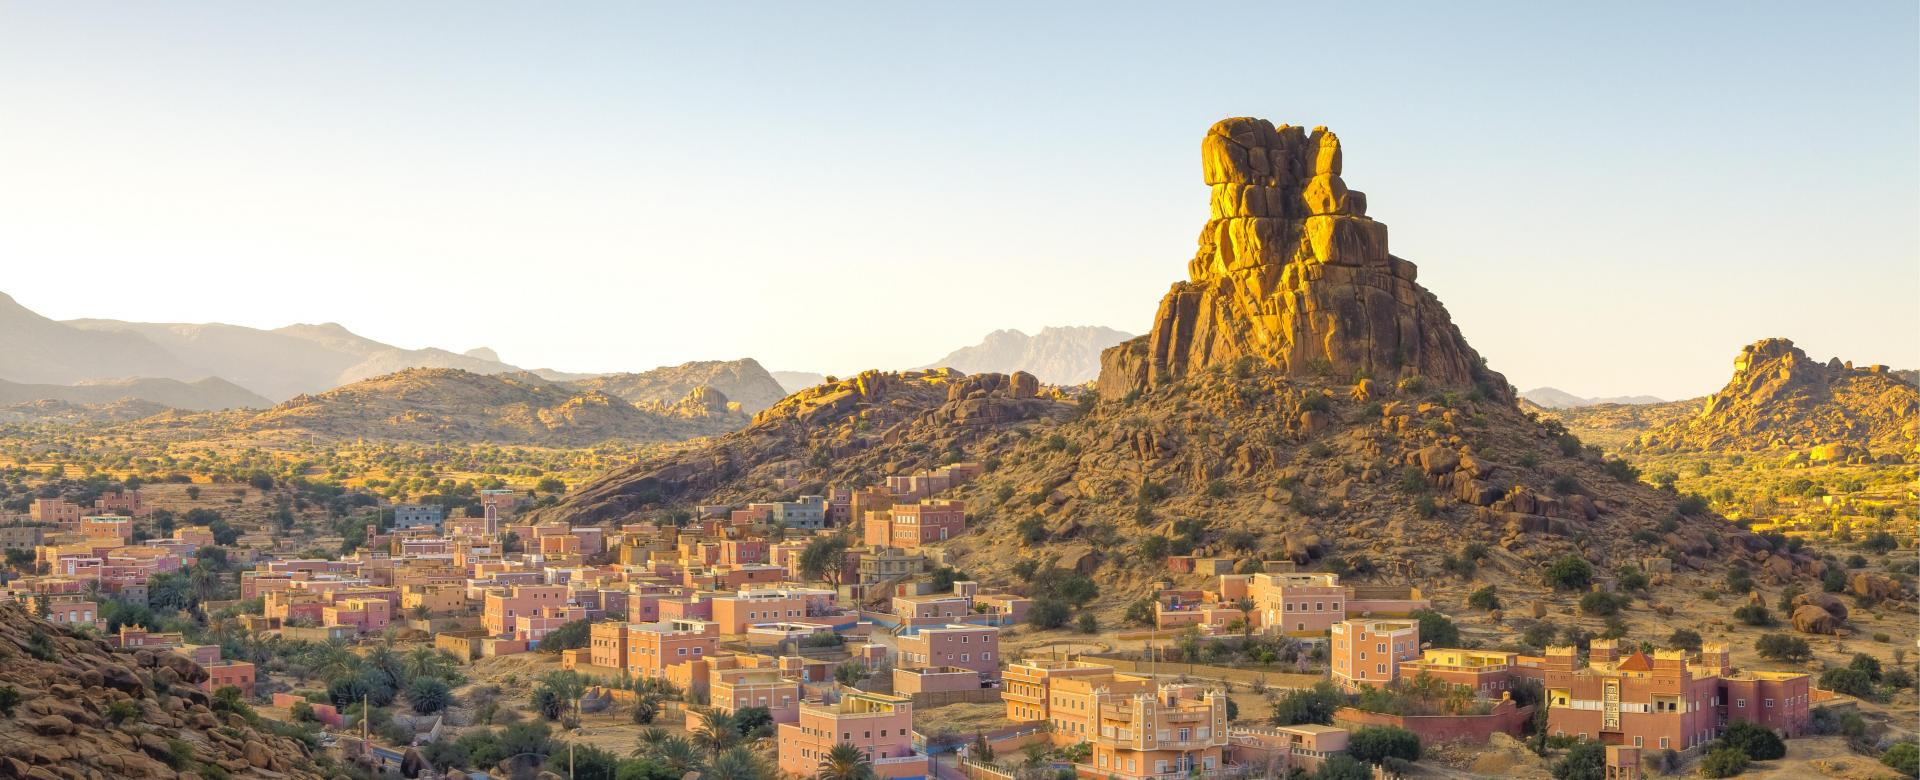 Voyage à pied : Les granits rouges de tafraoute